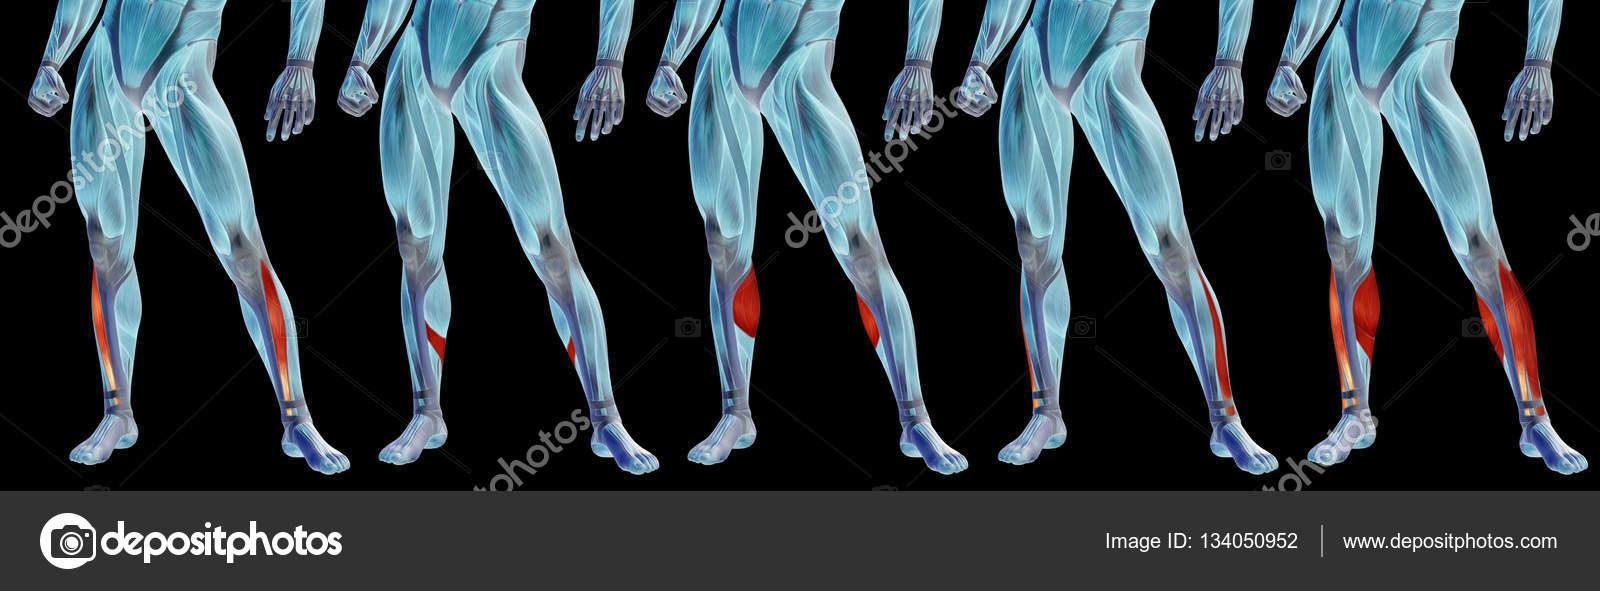 Anatomía de la pierna inferior — Foto de stock © design36 #134050952